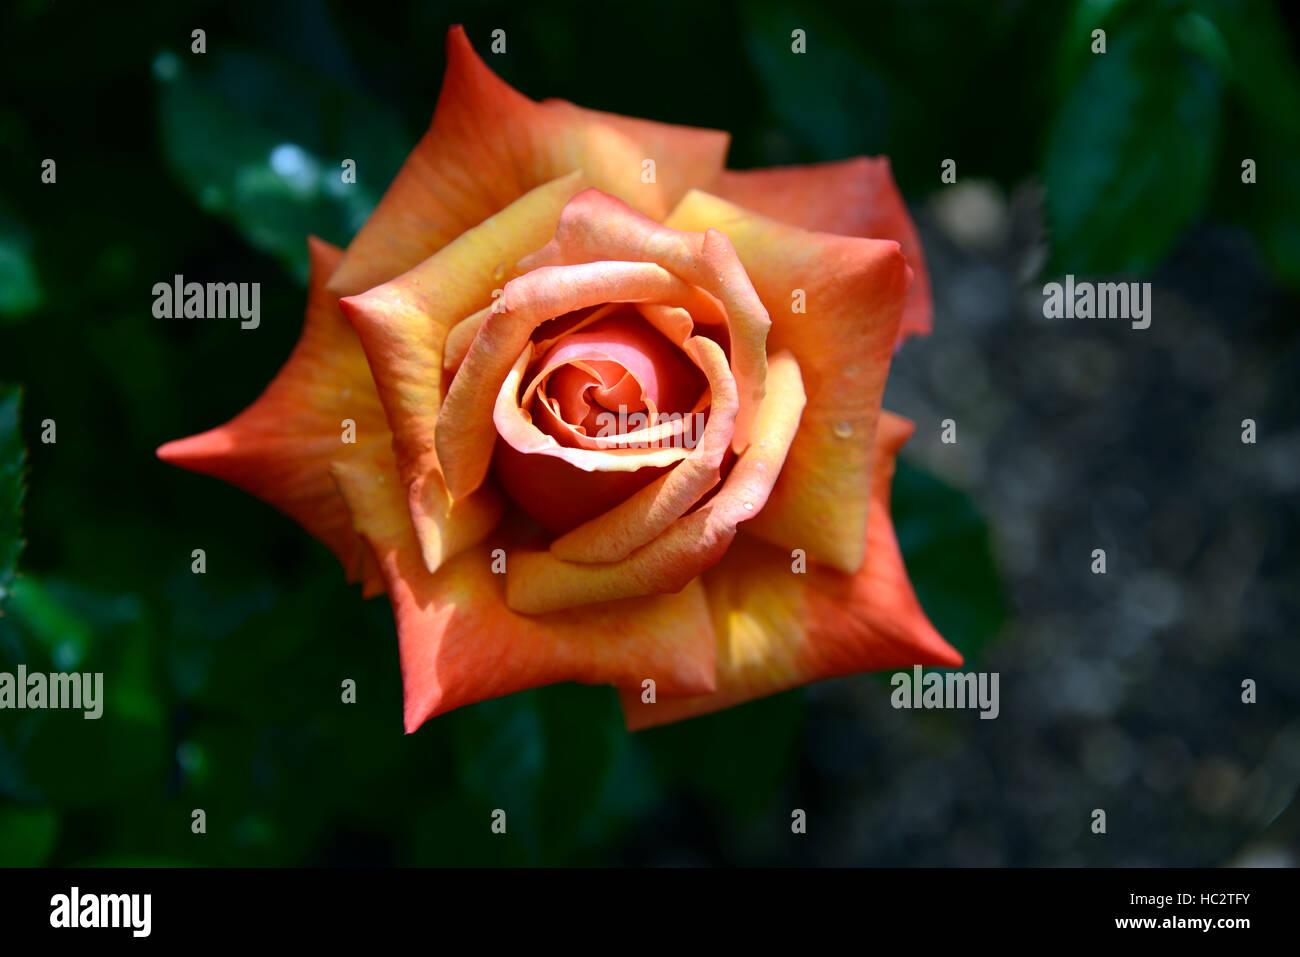 Rosa erinnern mich Cocdestin Hybride Tee orange rose Rosen Duft Blume Blumen Blüte Strauch Sträucher Farbe Stockbild